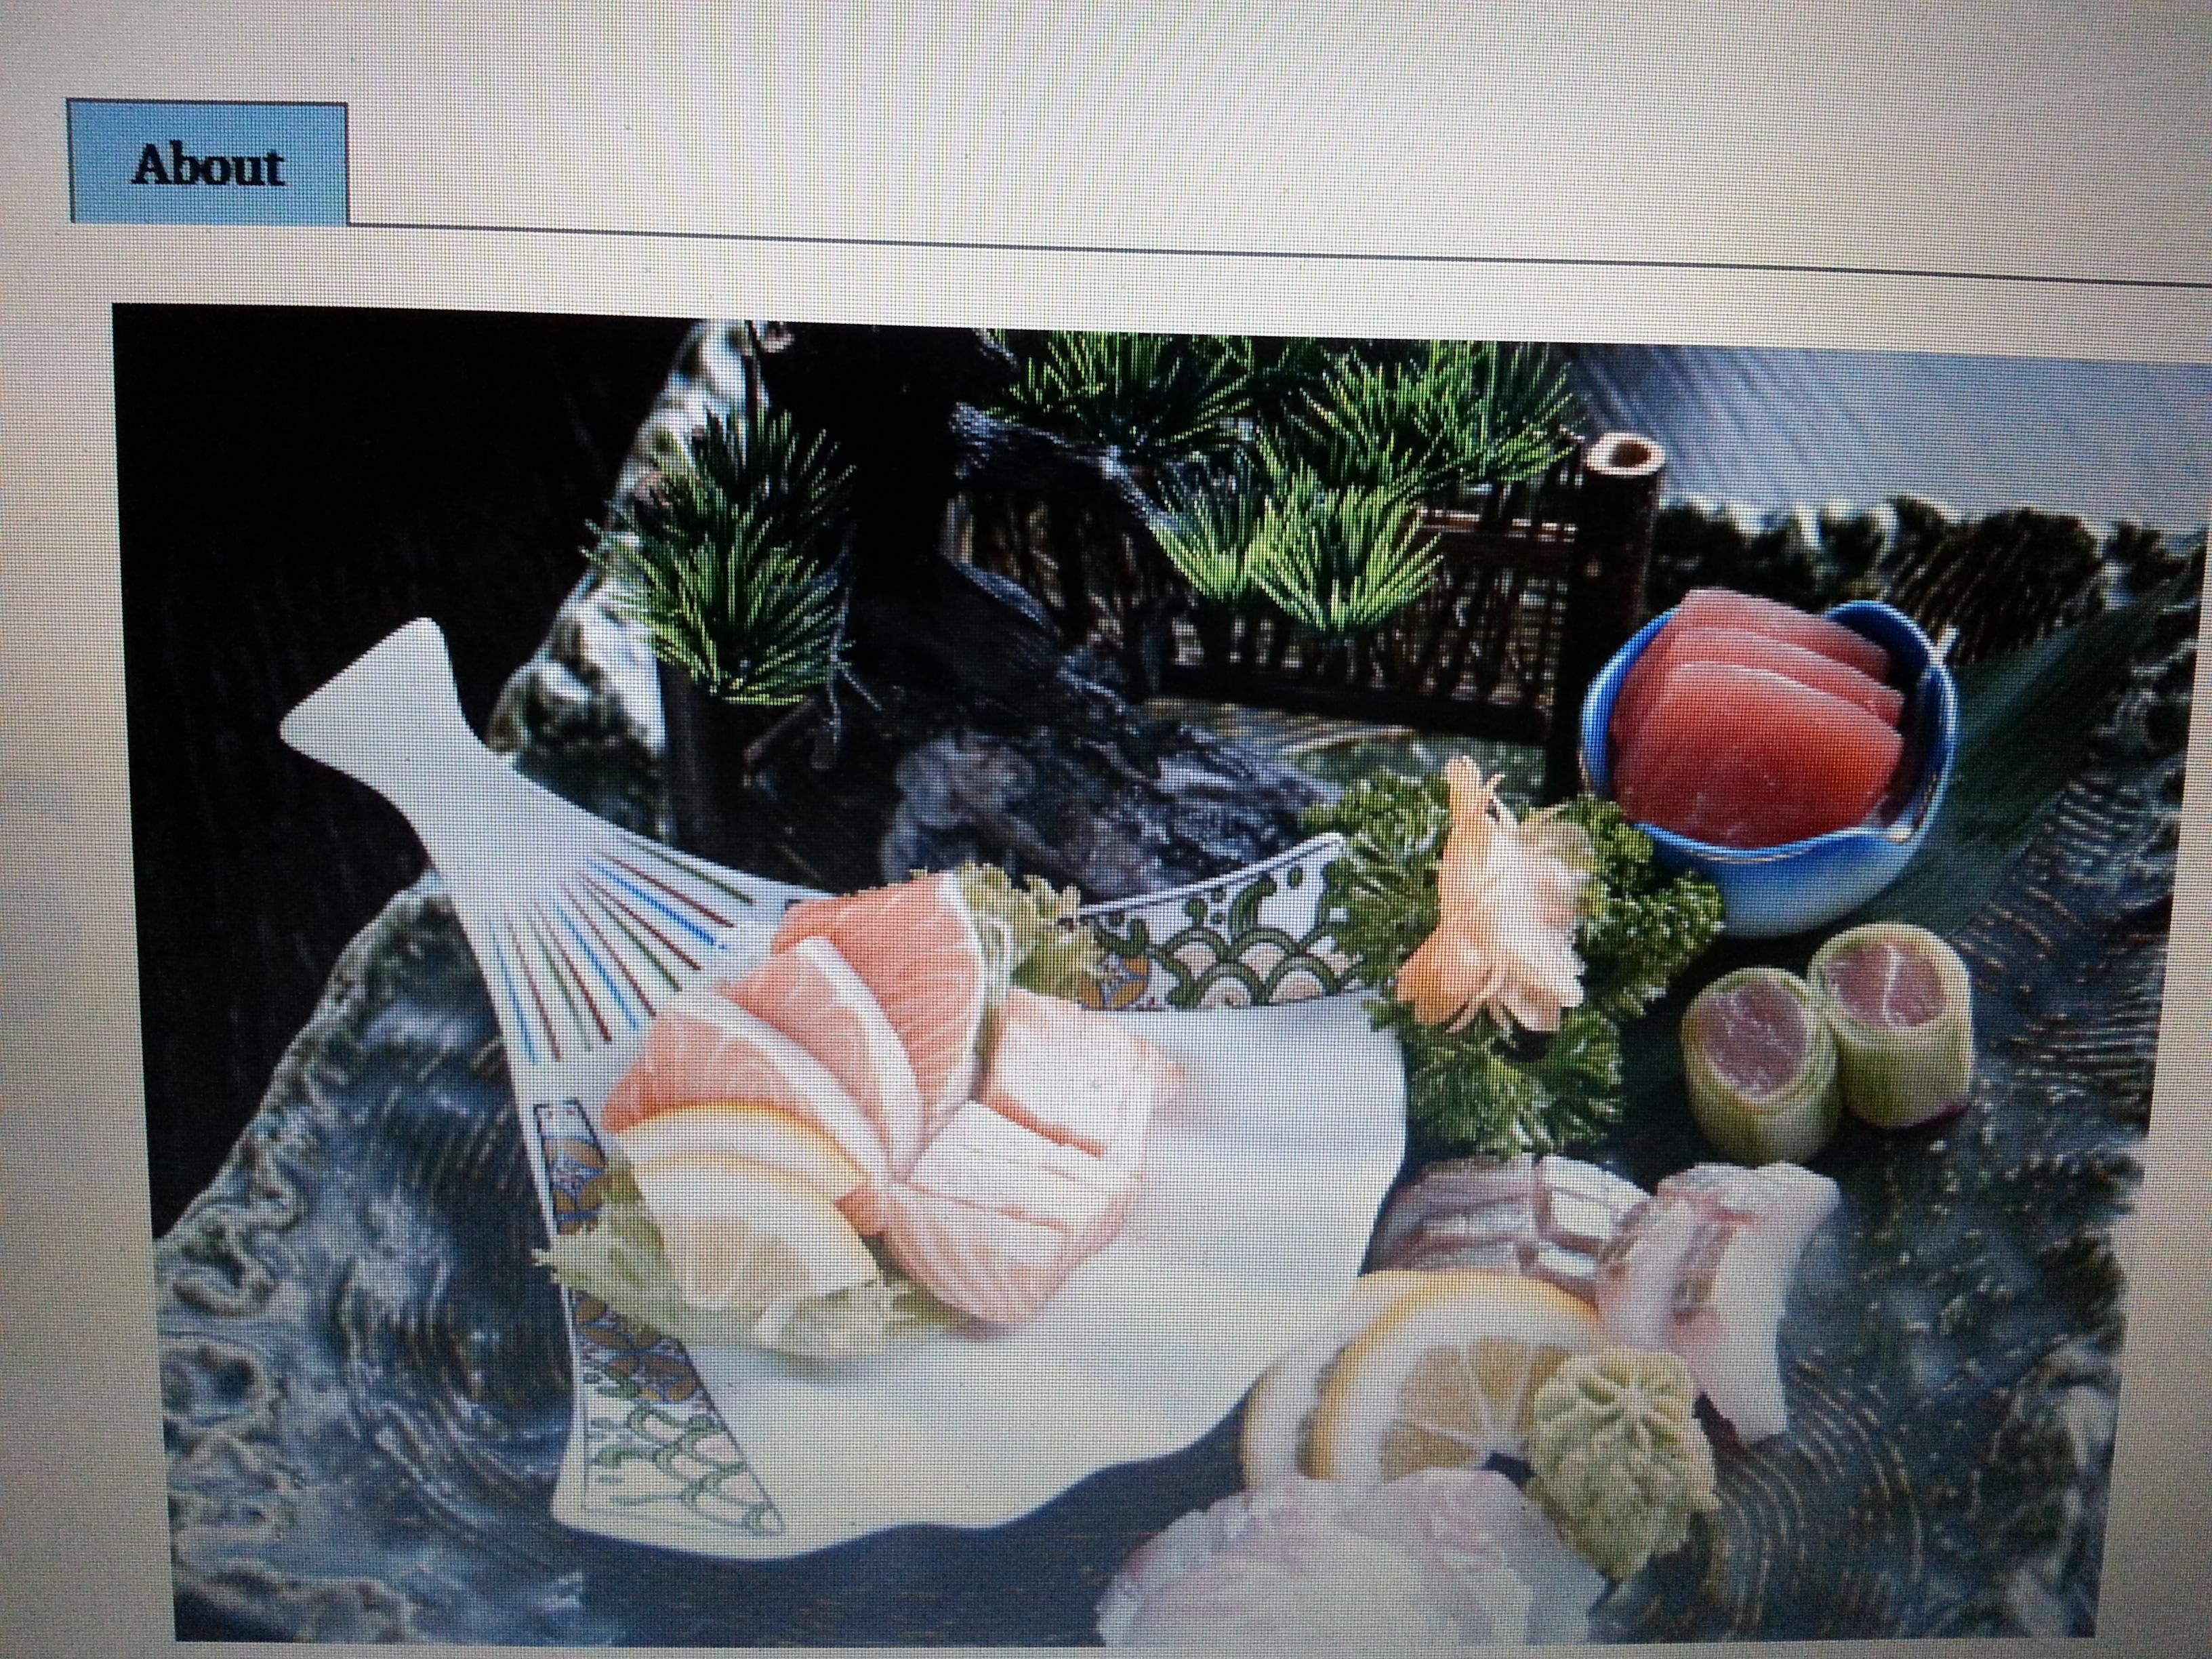 PhotoSPm98 at Ninja Sushi